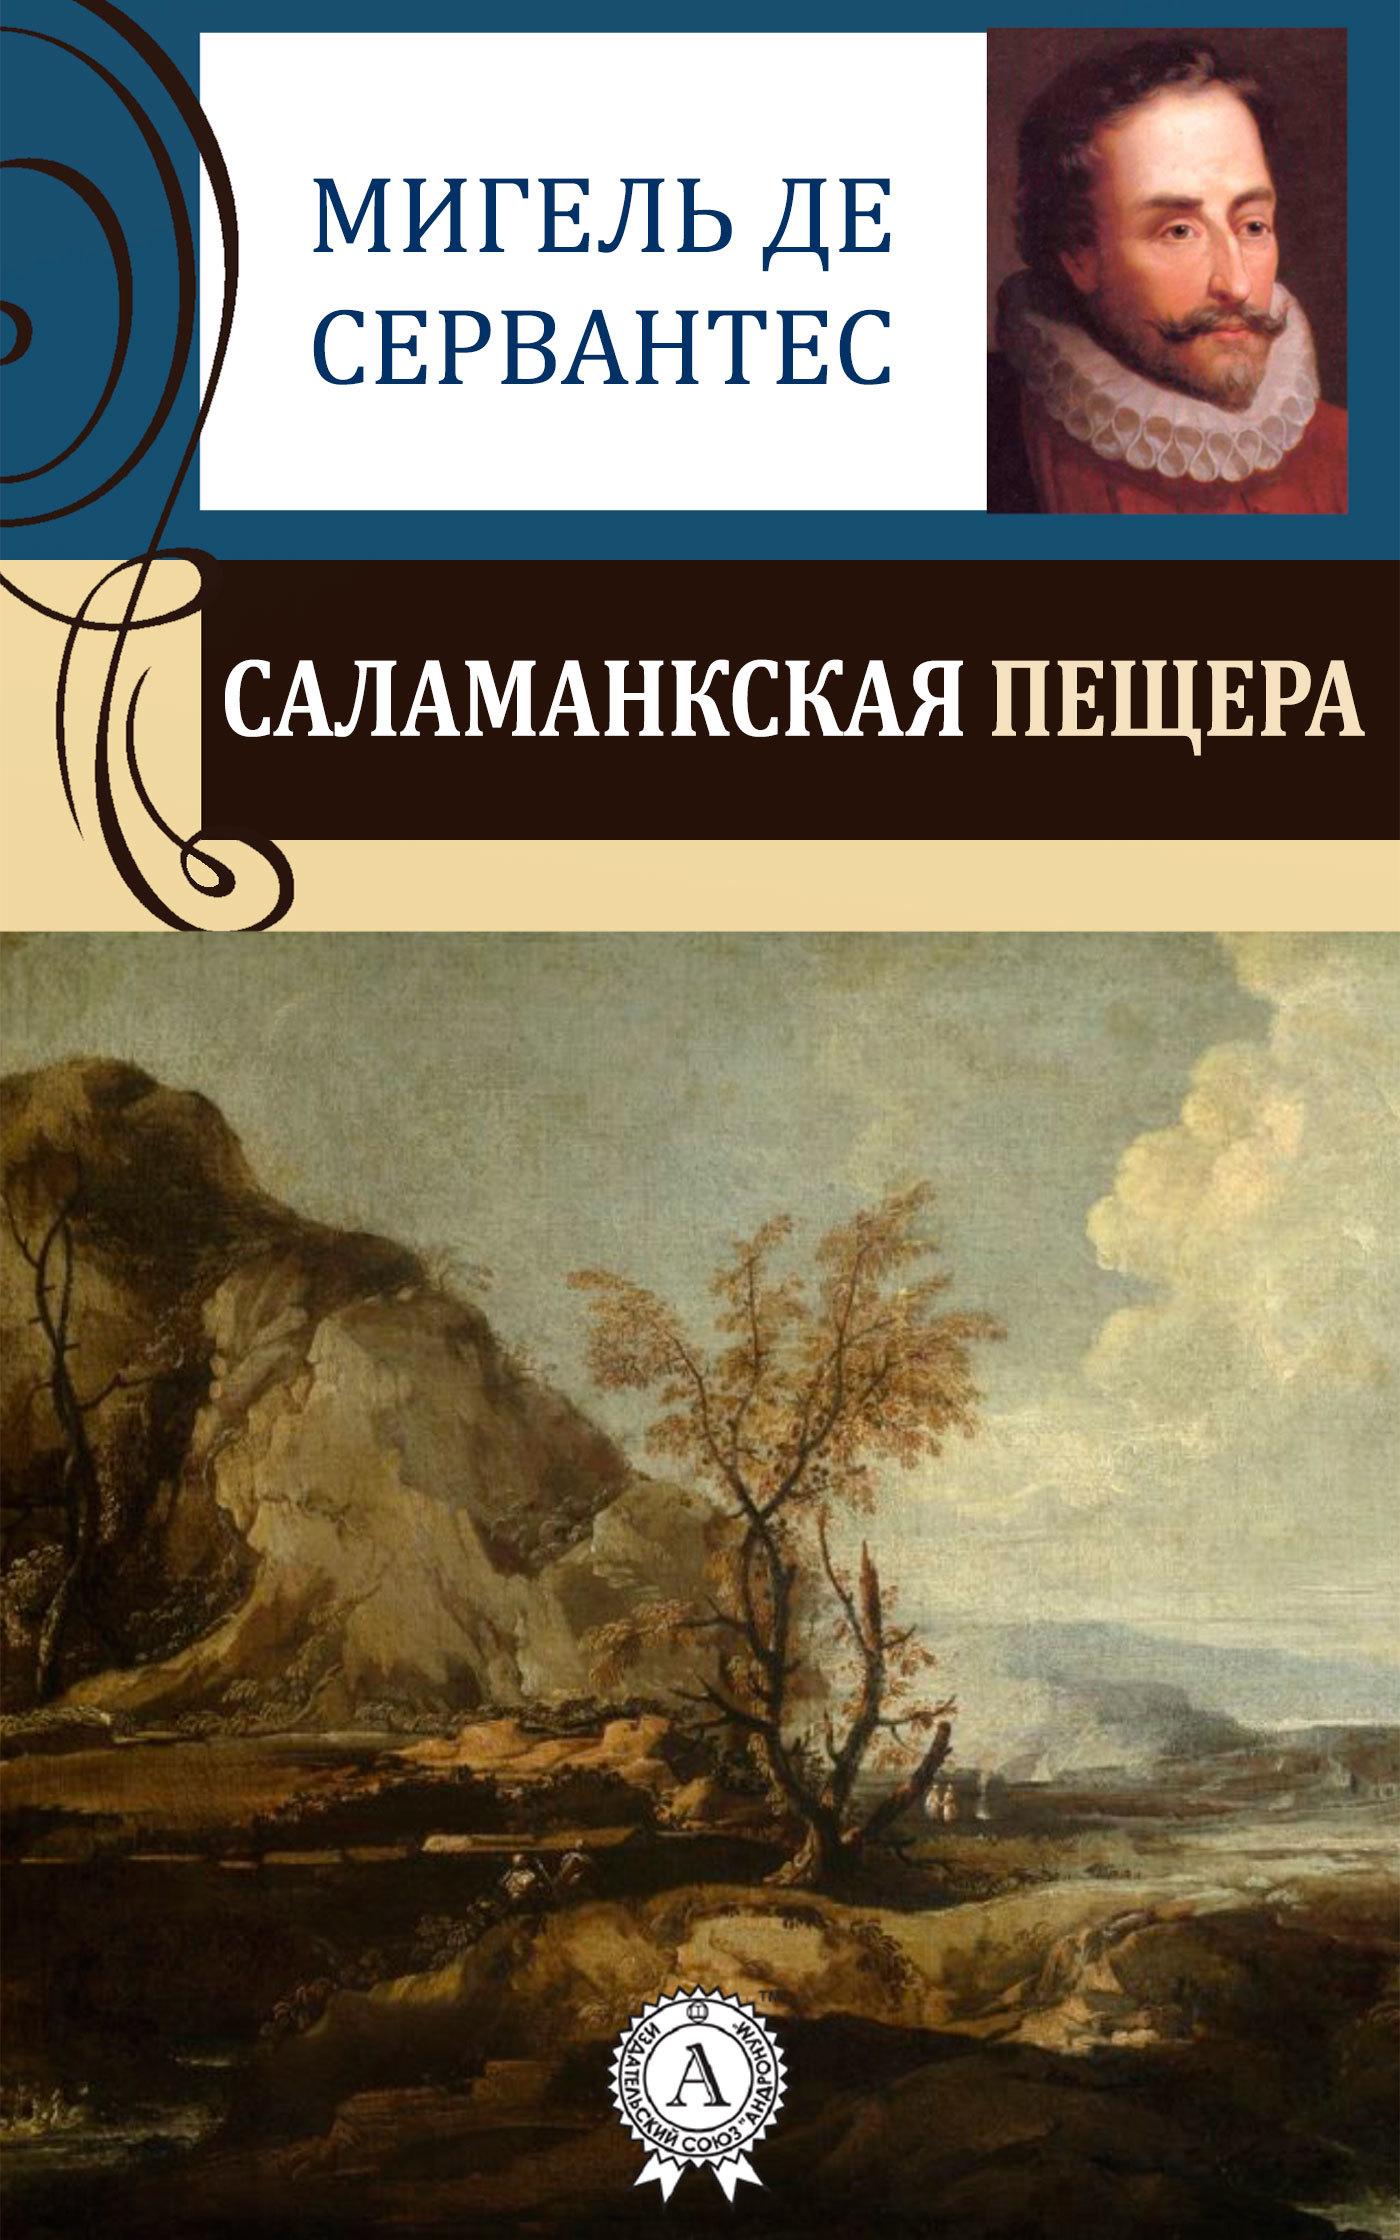 Саламанкская пещера